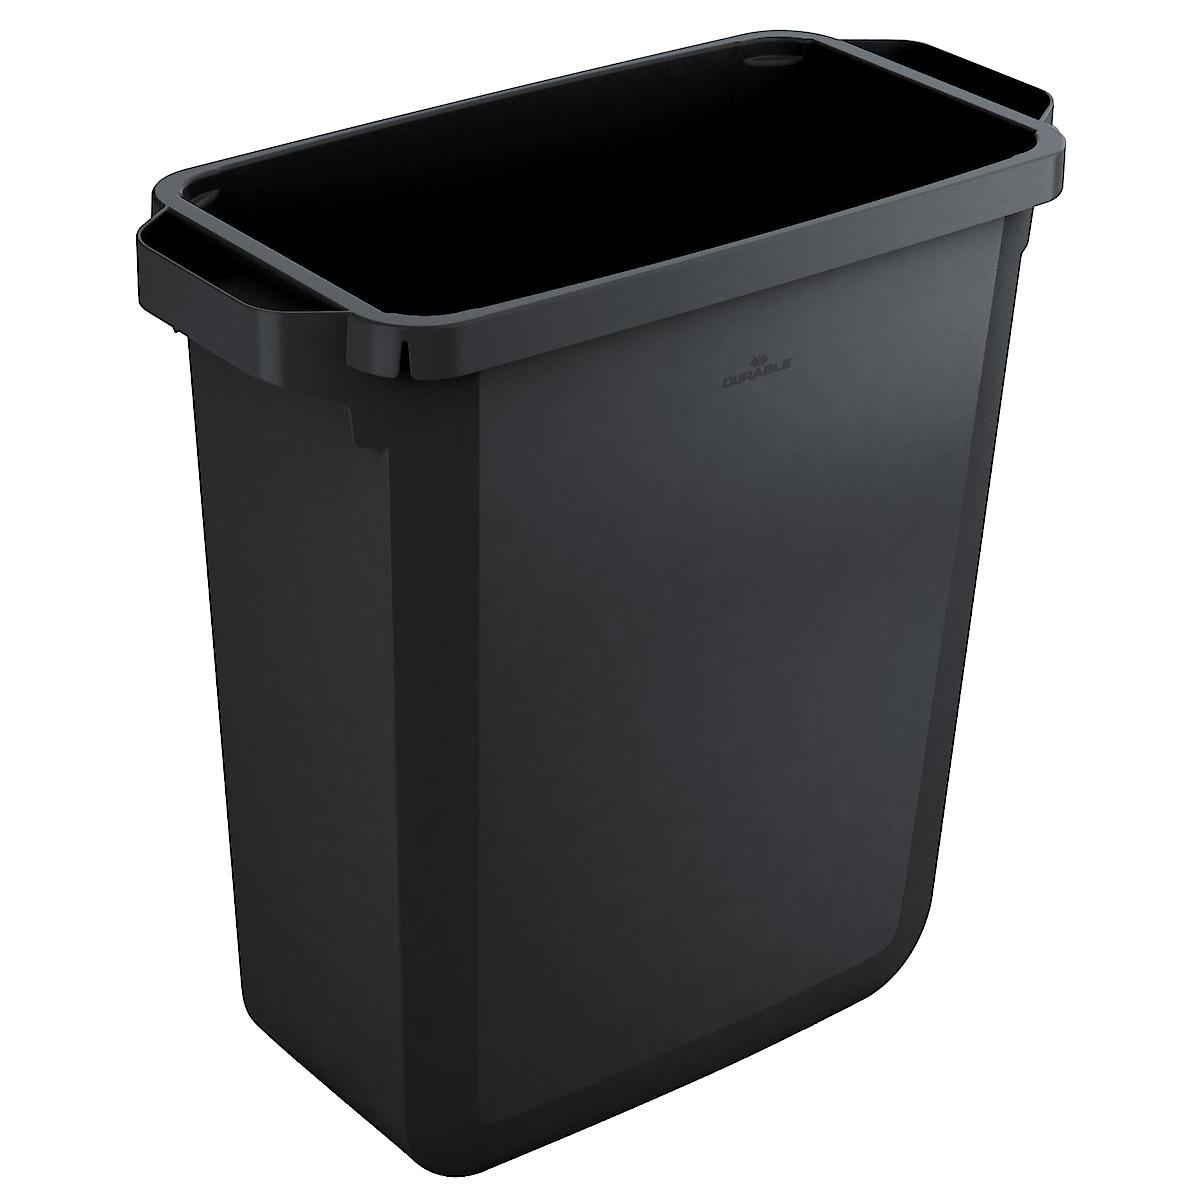 Soptunna Durabin 60 l svart